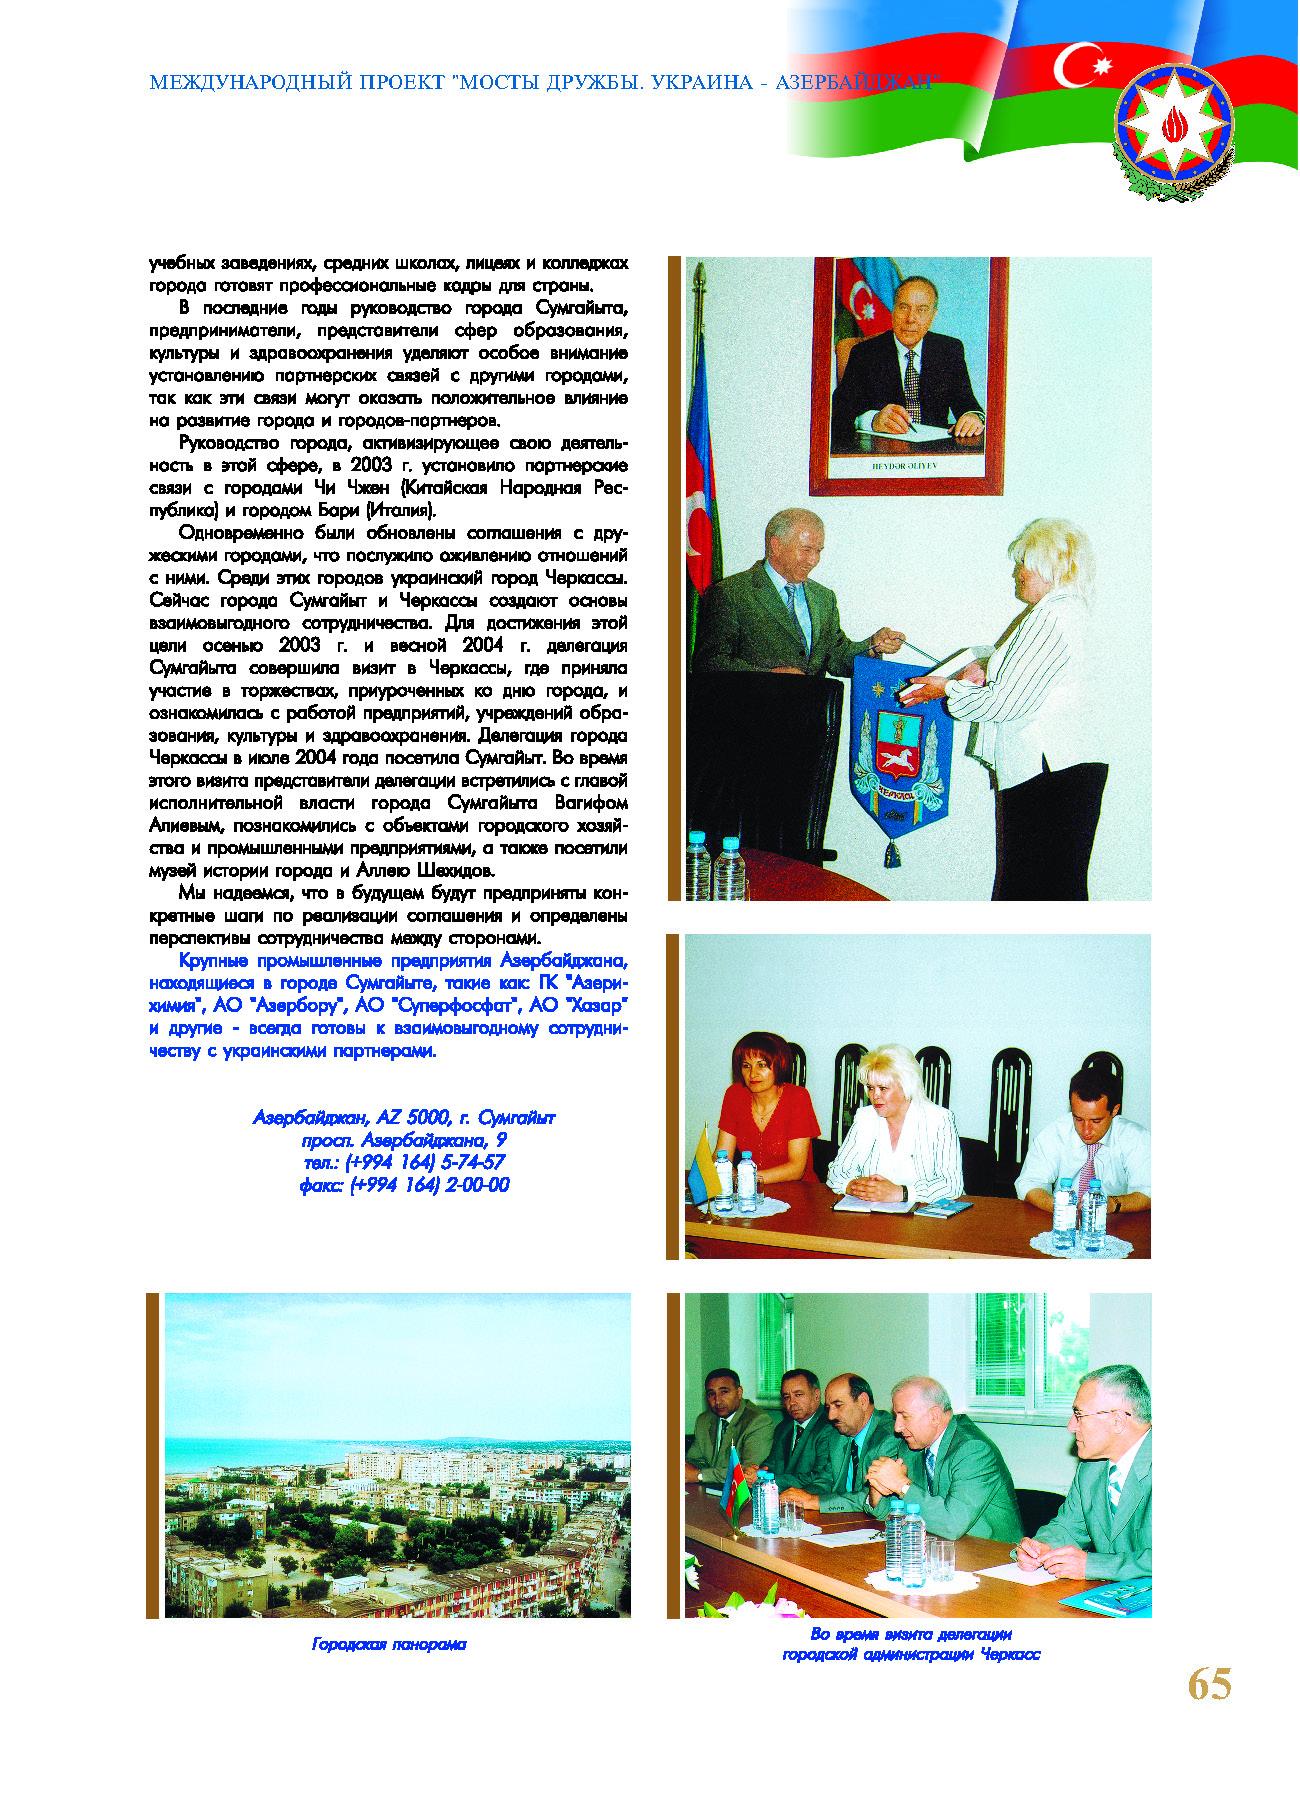 Сотрудничество исполнительной власти г. Сумгайыта и администрации г. Черкасс